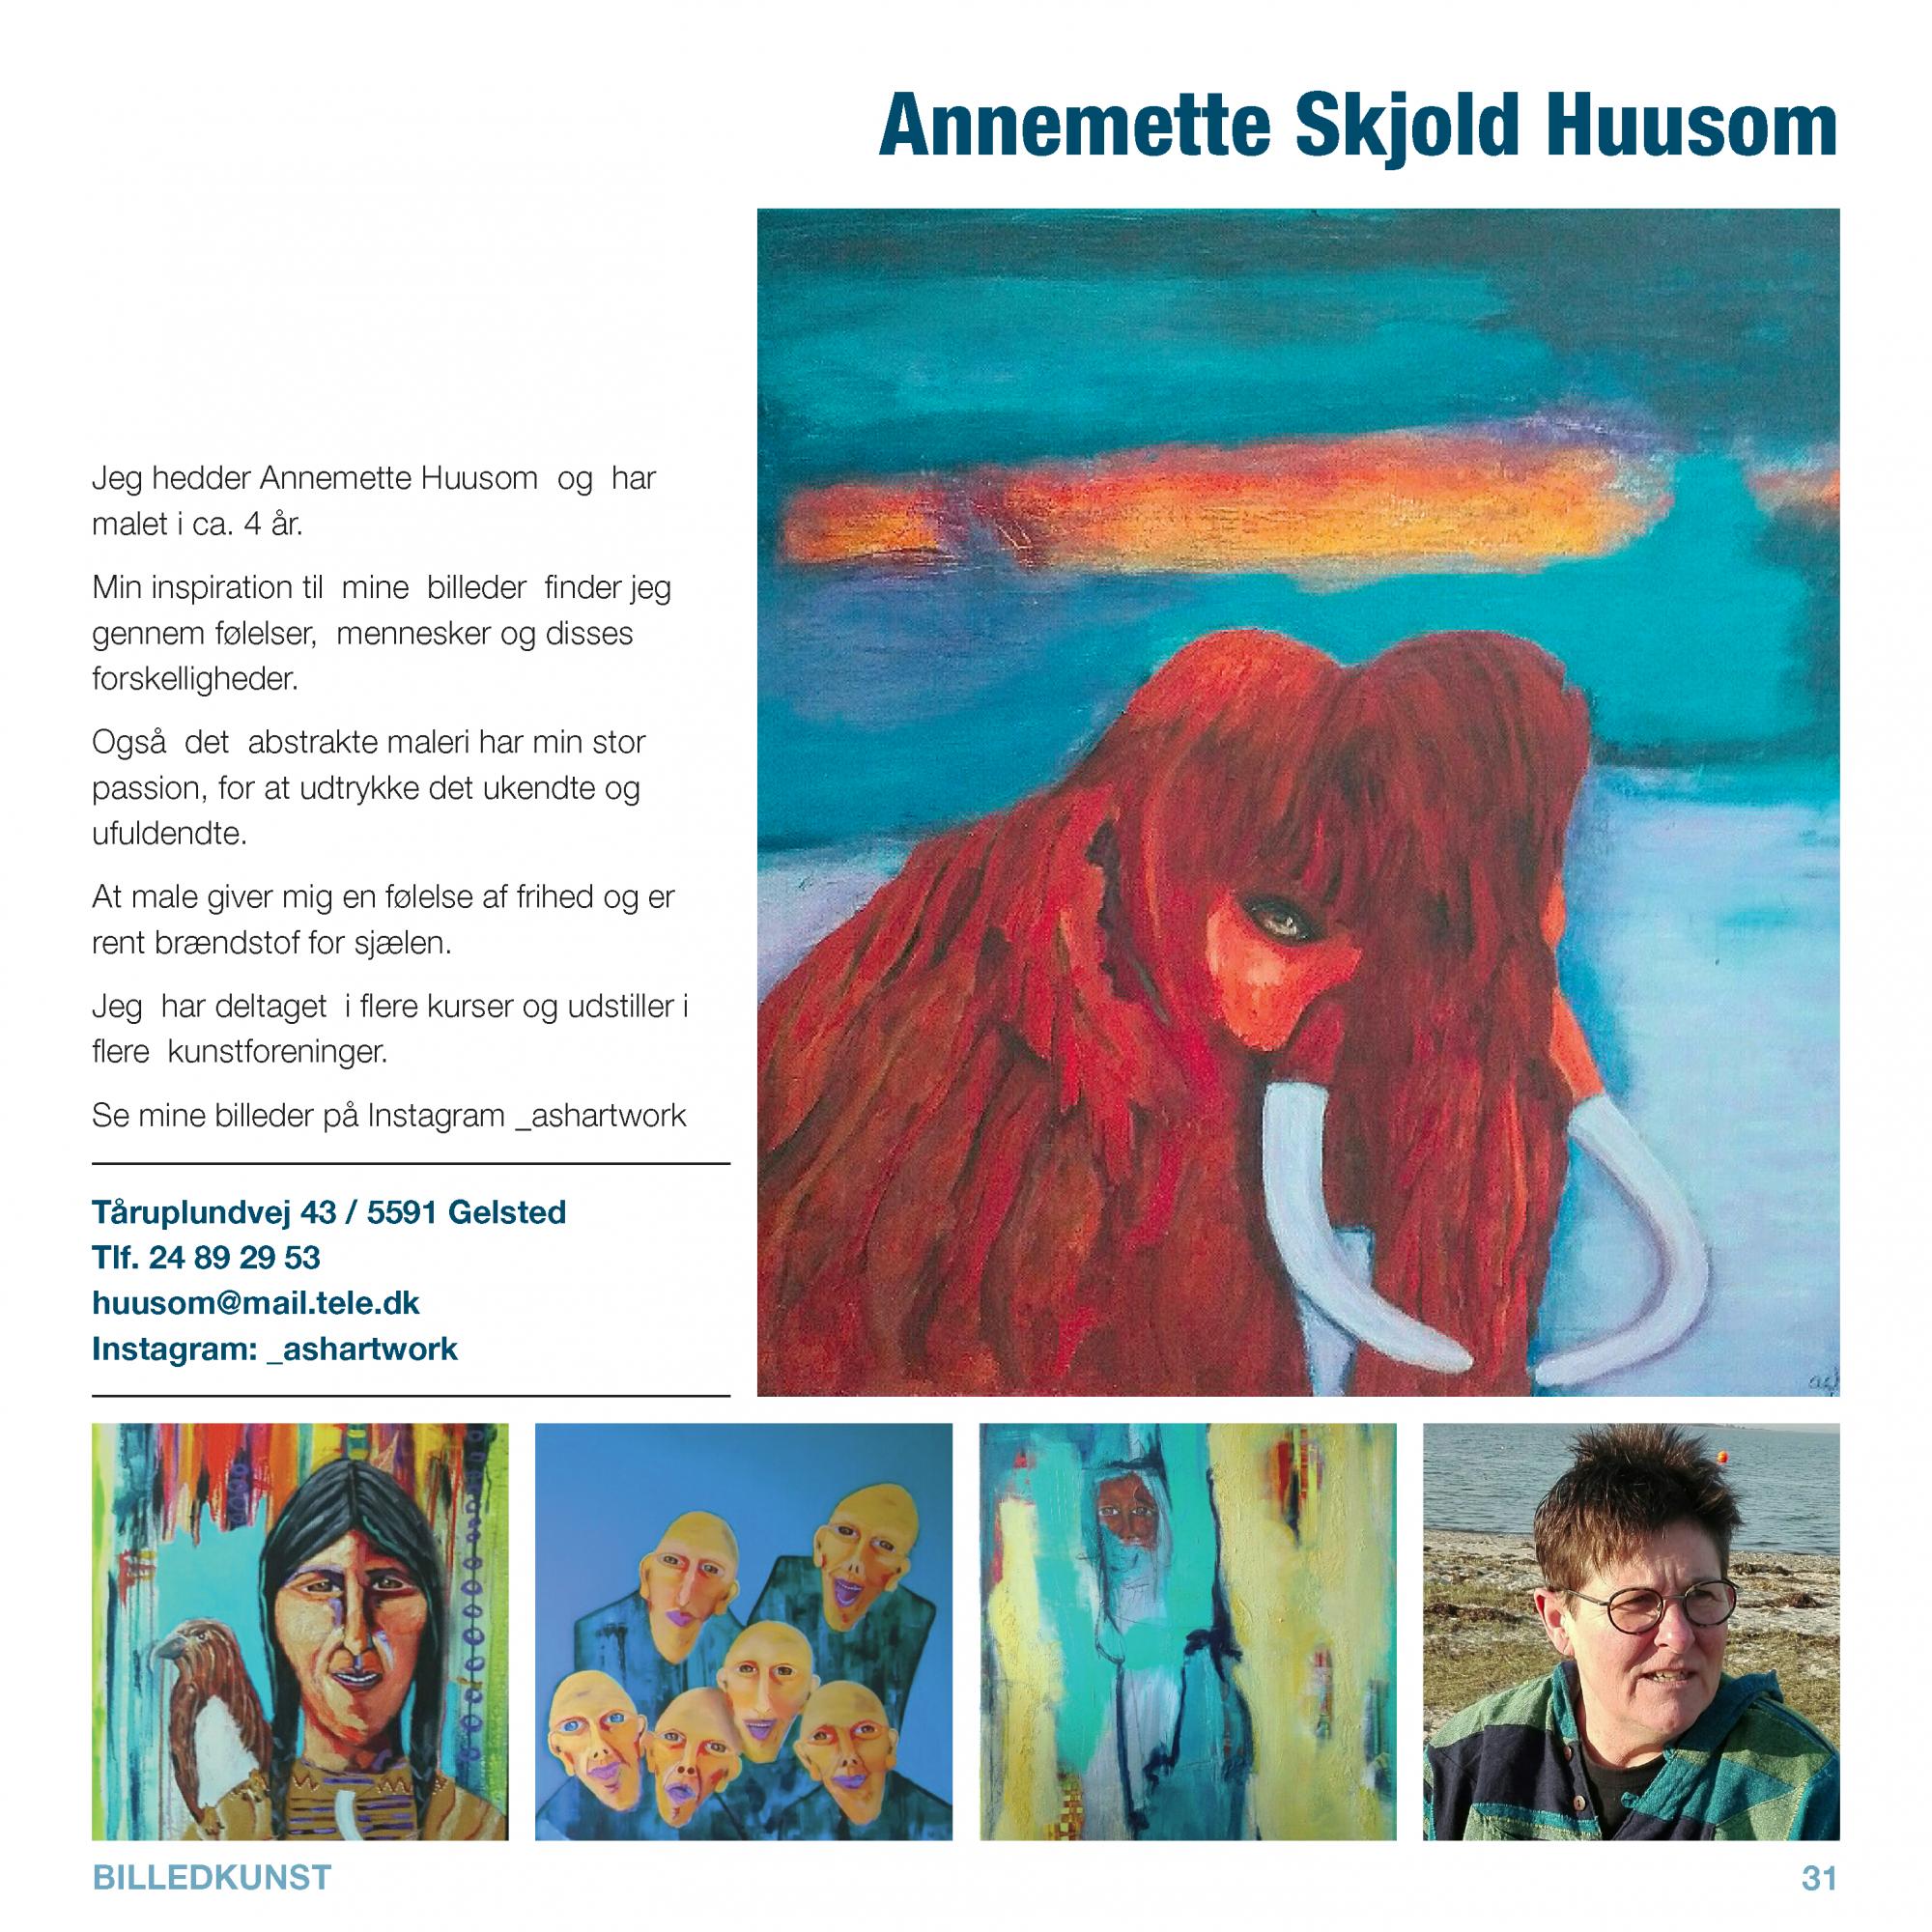 kunstner Annemette Skjold Huusom_Side_31